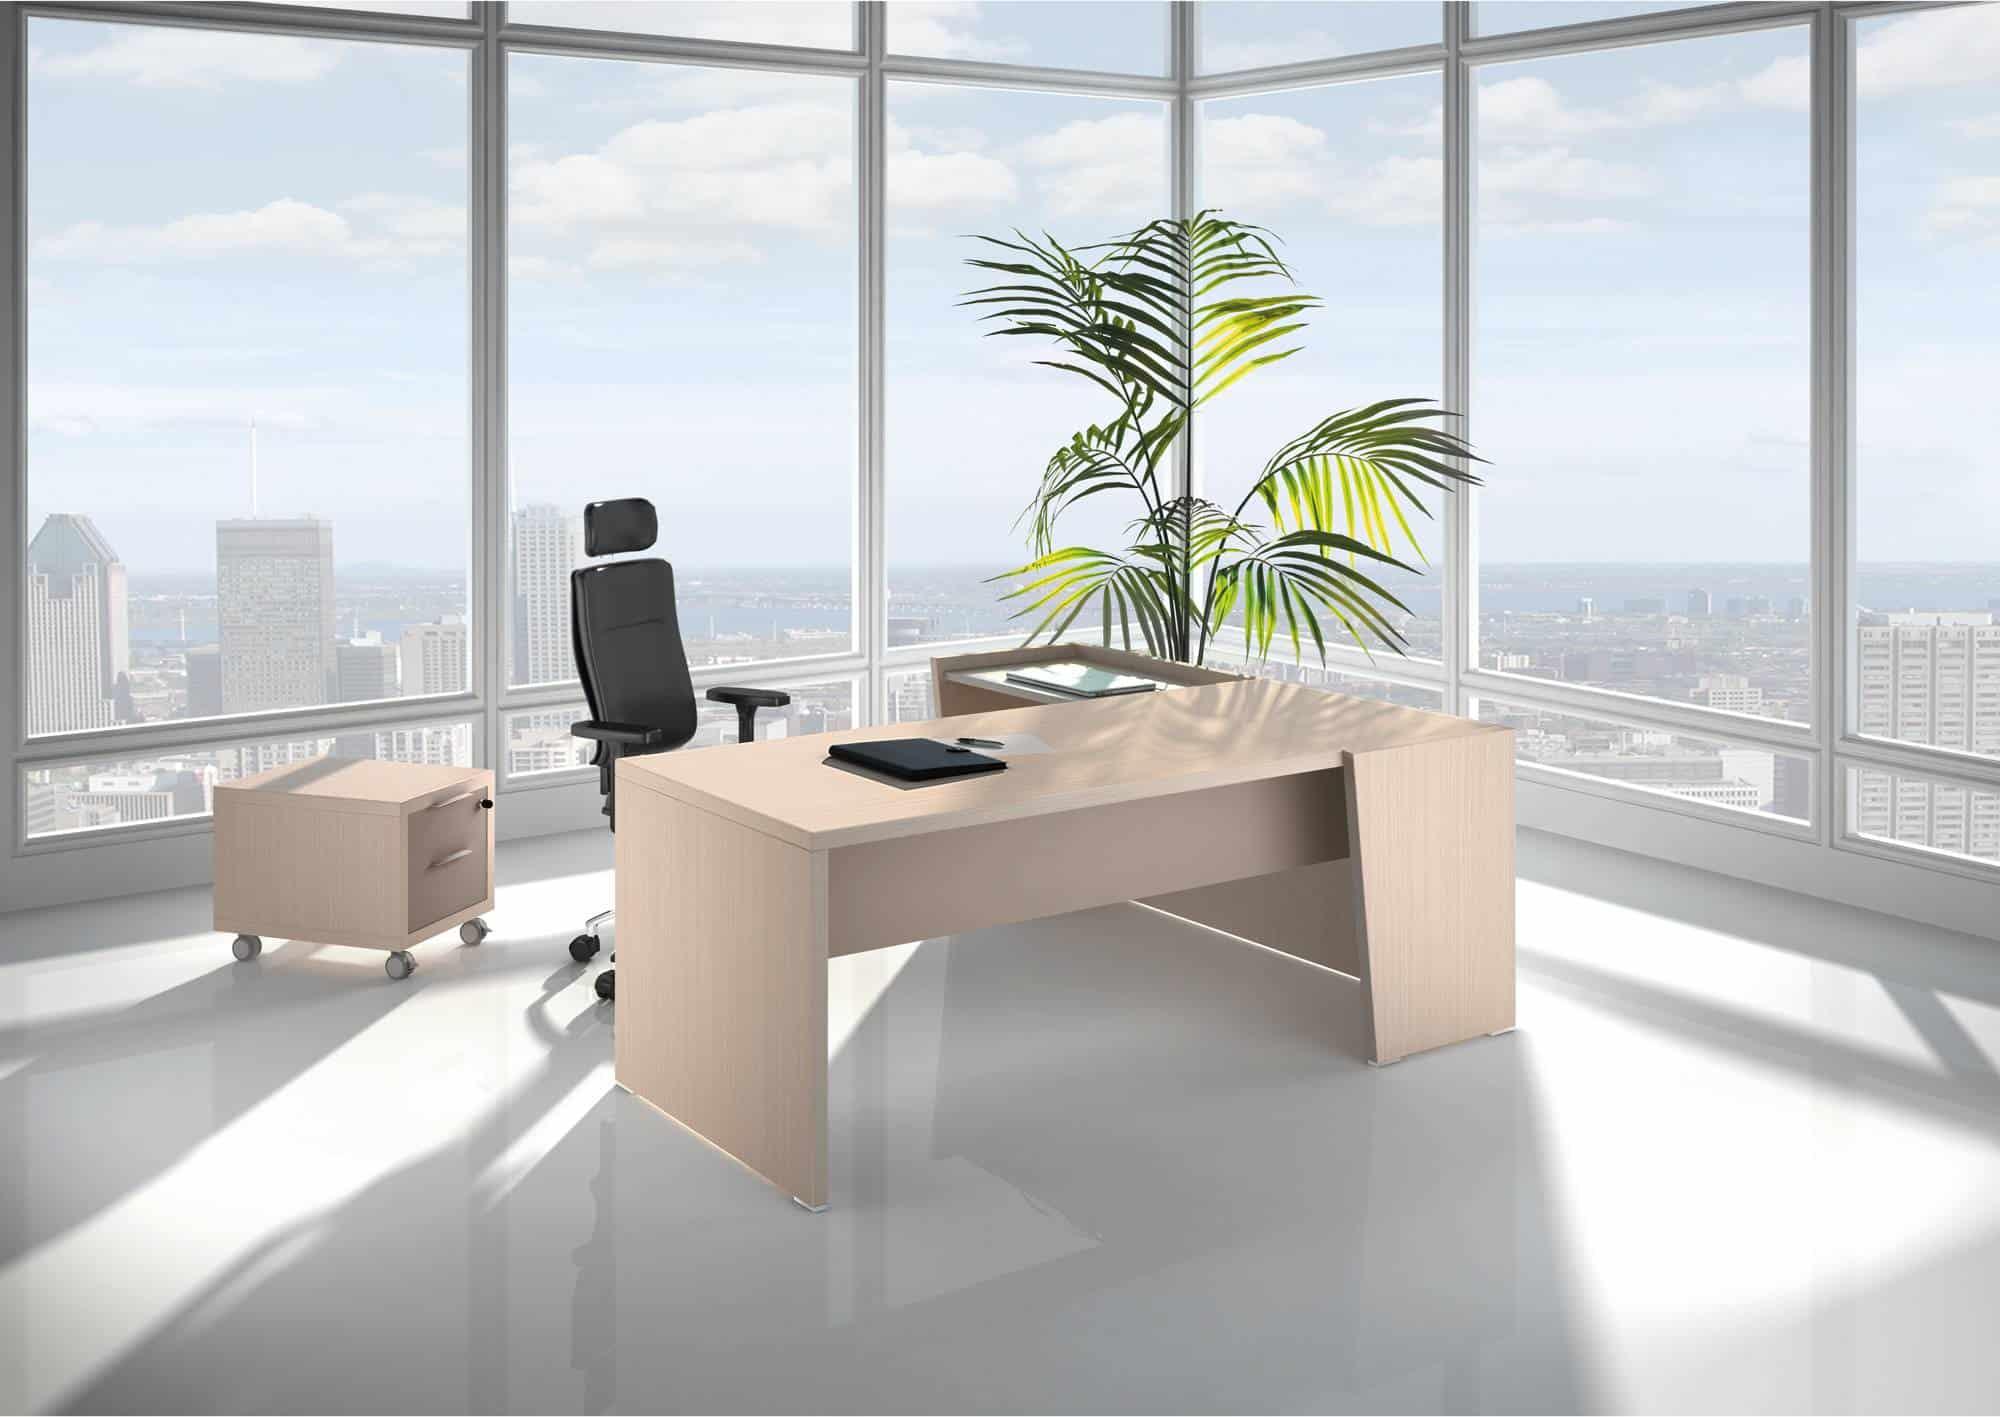 Le feng shui la nouvelle tendance déco dans les bureaux